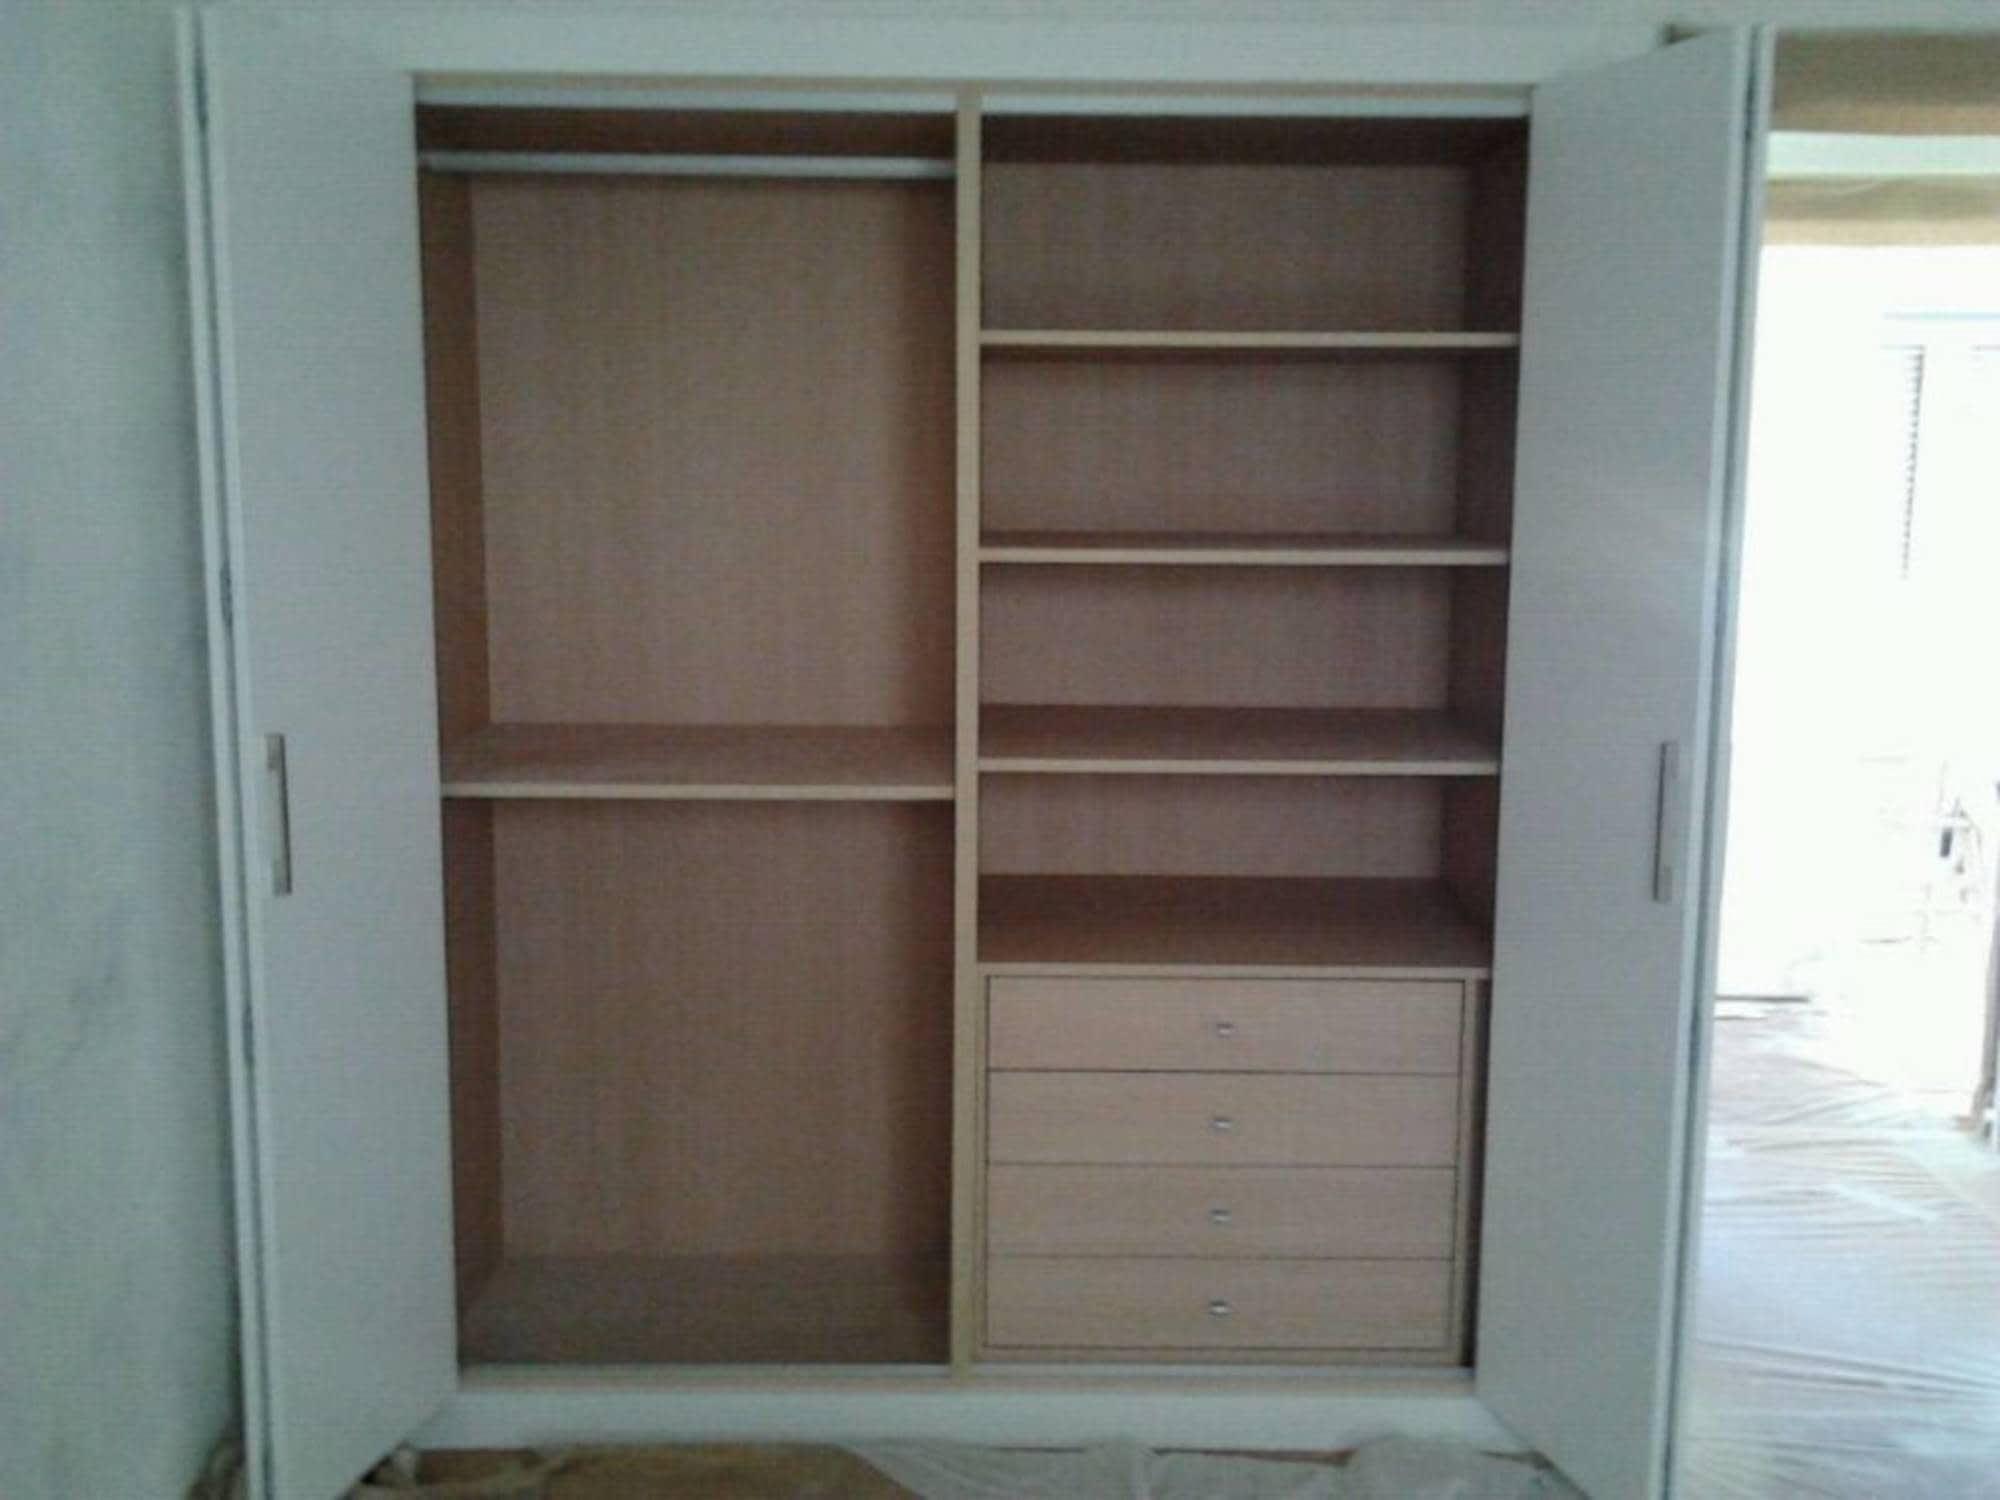 interiores armarios empotrados tienda muebles portugalete - Interiores De Armarios